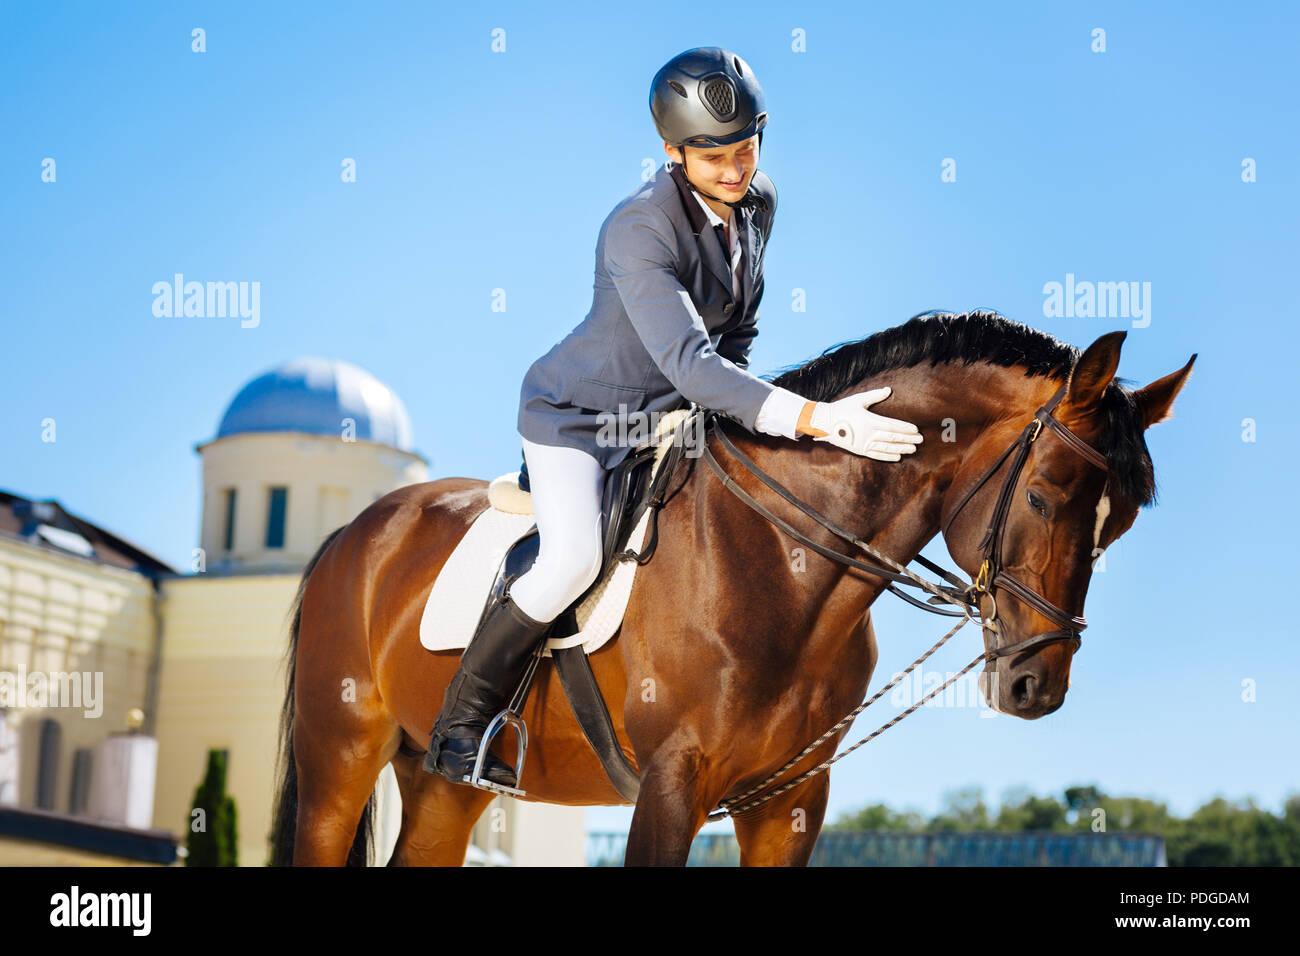 Schön lächelnden Mann mit Helm petting Pferd Stockbild